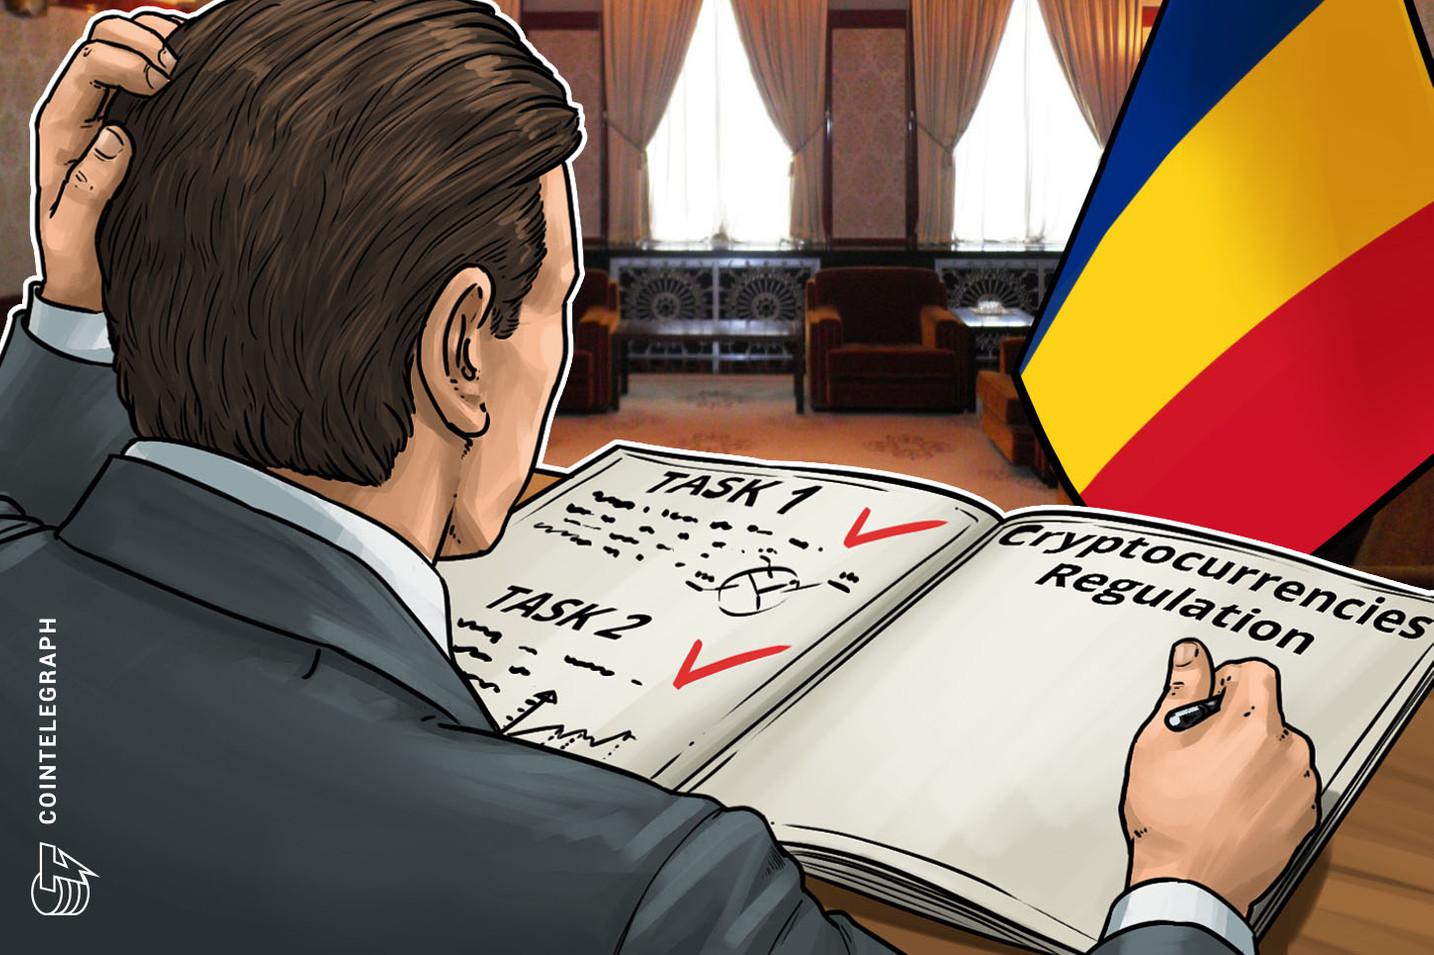 Rumänien veröffentlicht vorläufigen Gesetzesentwurf zur Regulierung der Ausgabe von digitalen Währungen